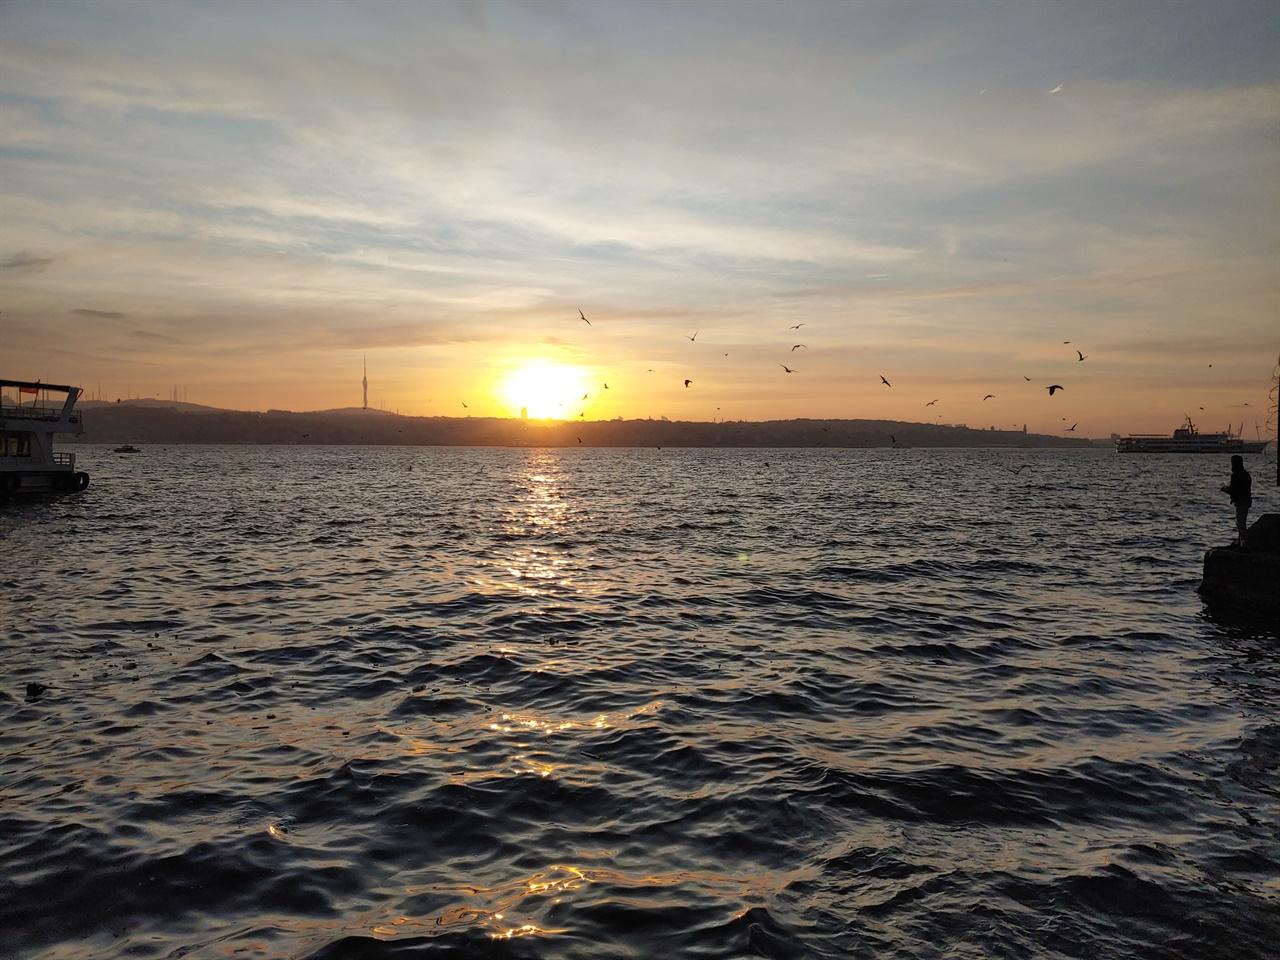 숙소 앞 보스포루스 해협. 갈매기에게 먹이를 주는 남자와 일출.